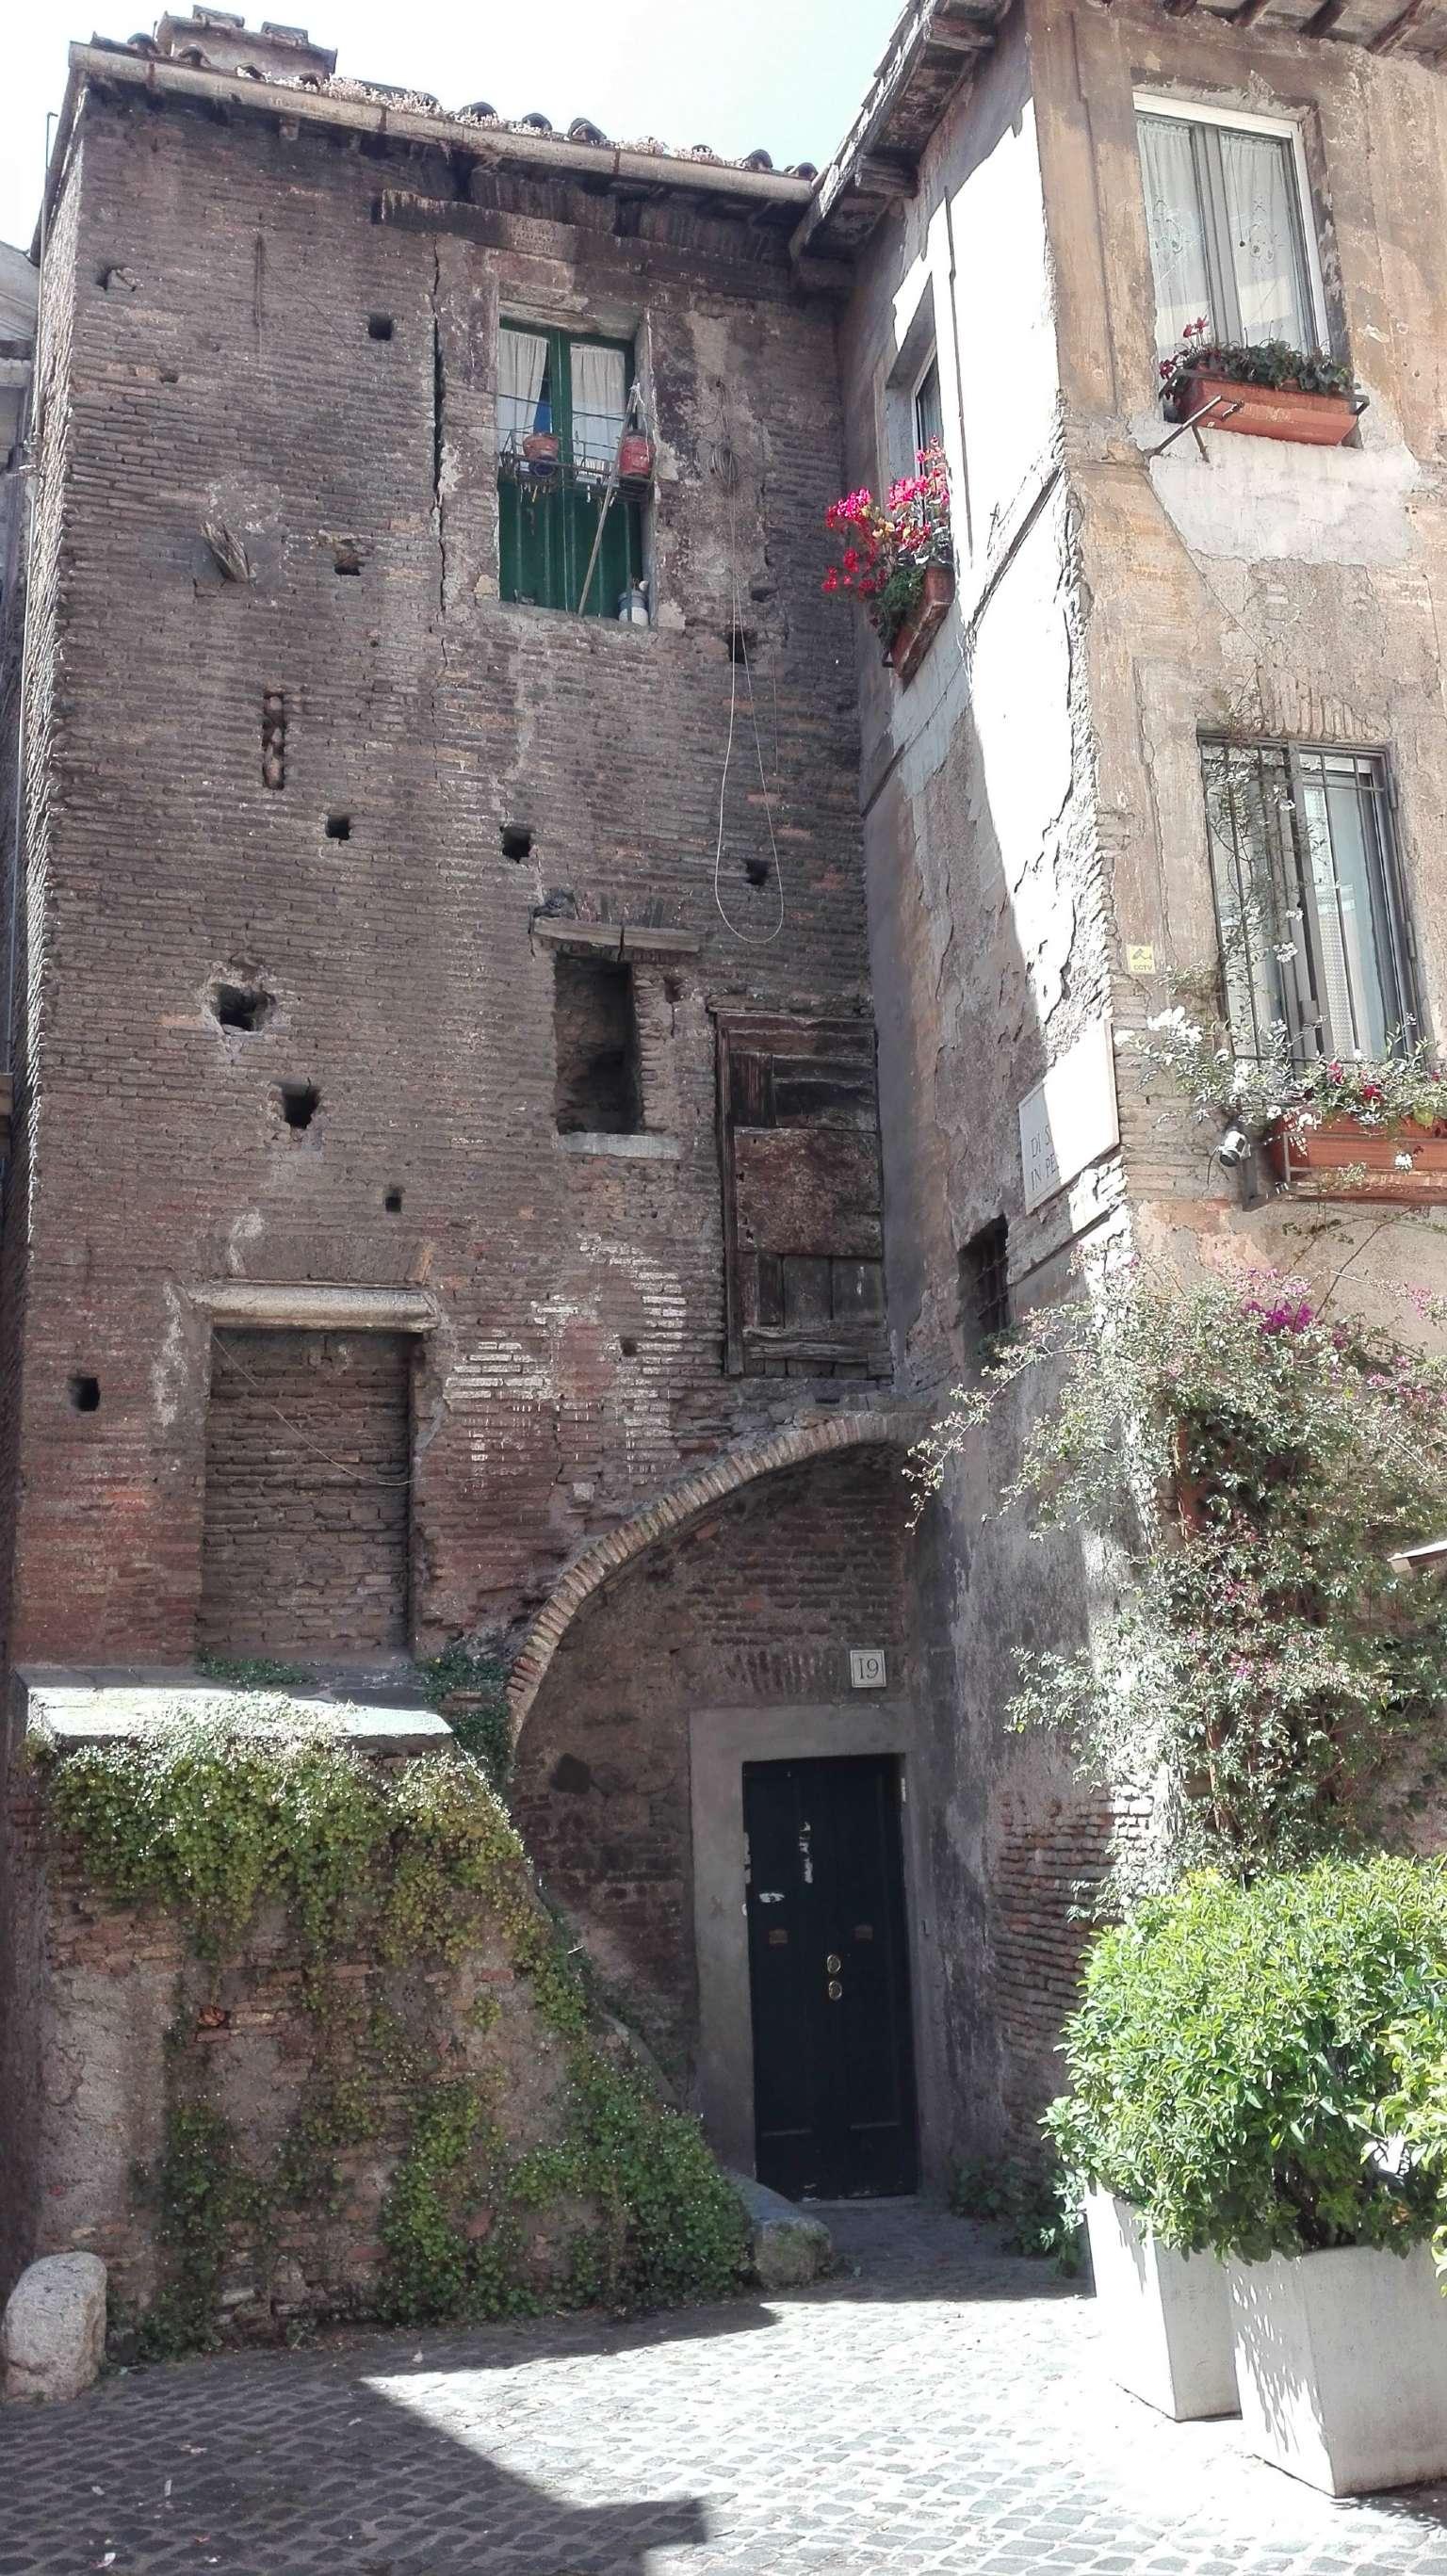 Palazzo / Stabile in vendita a Roma, 2 locali, zona Zona: 1 . Centro storico, Trattative riservate | Cambio Casa.it